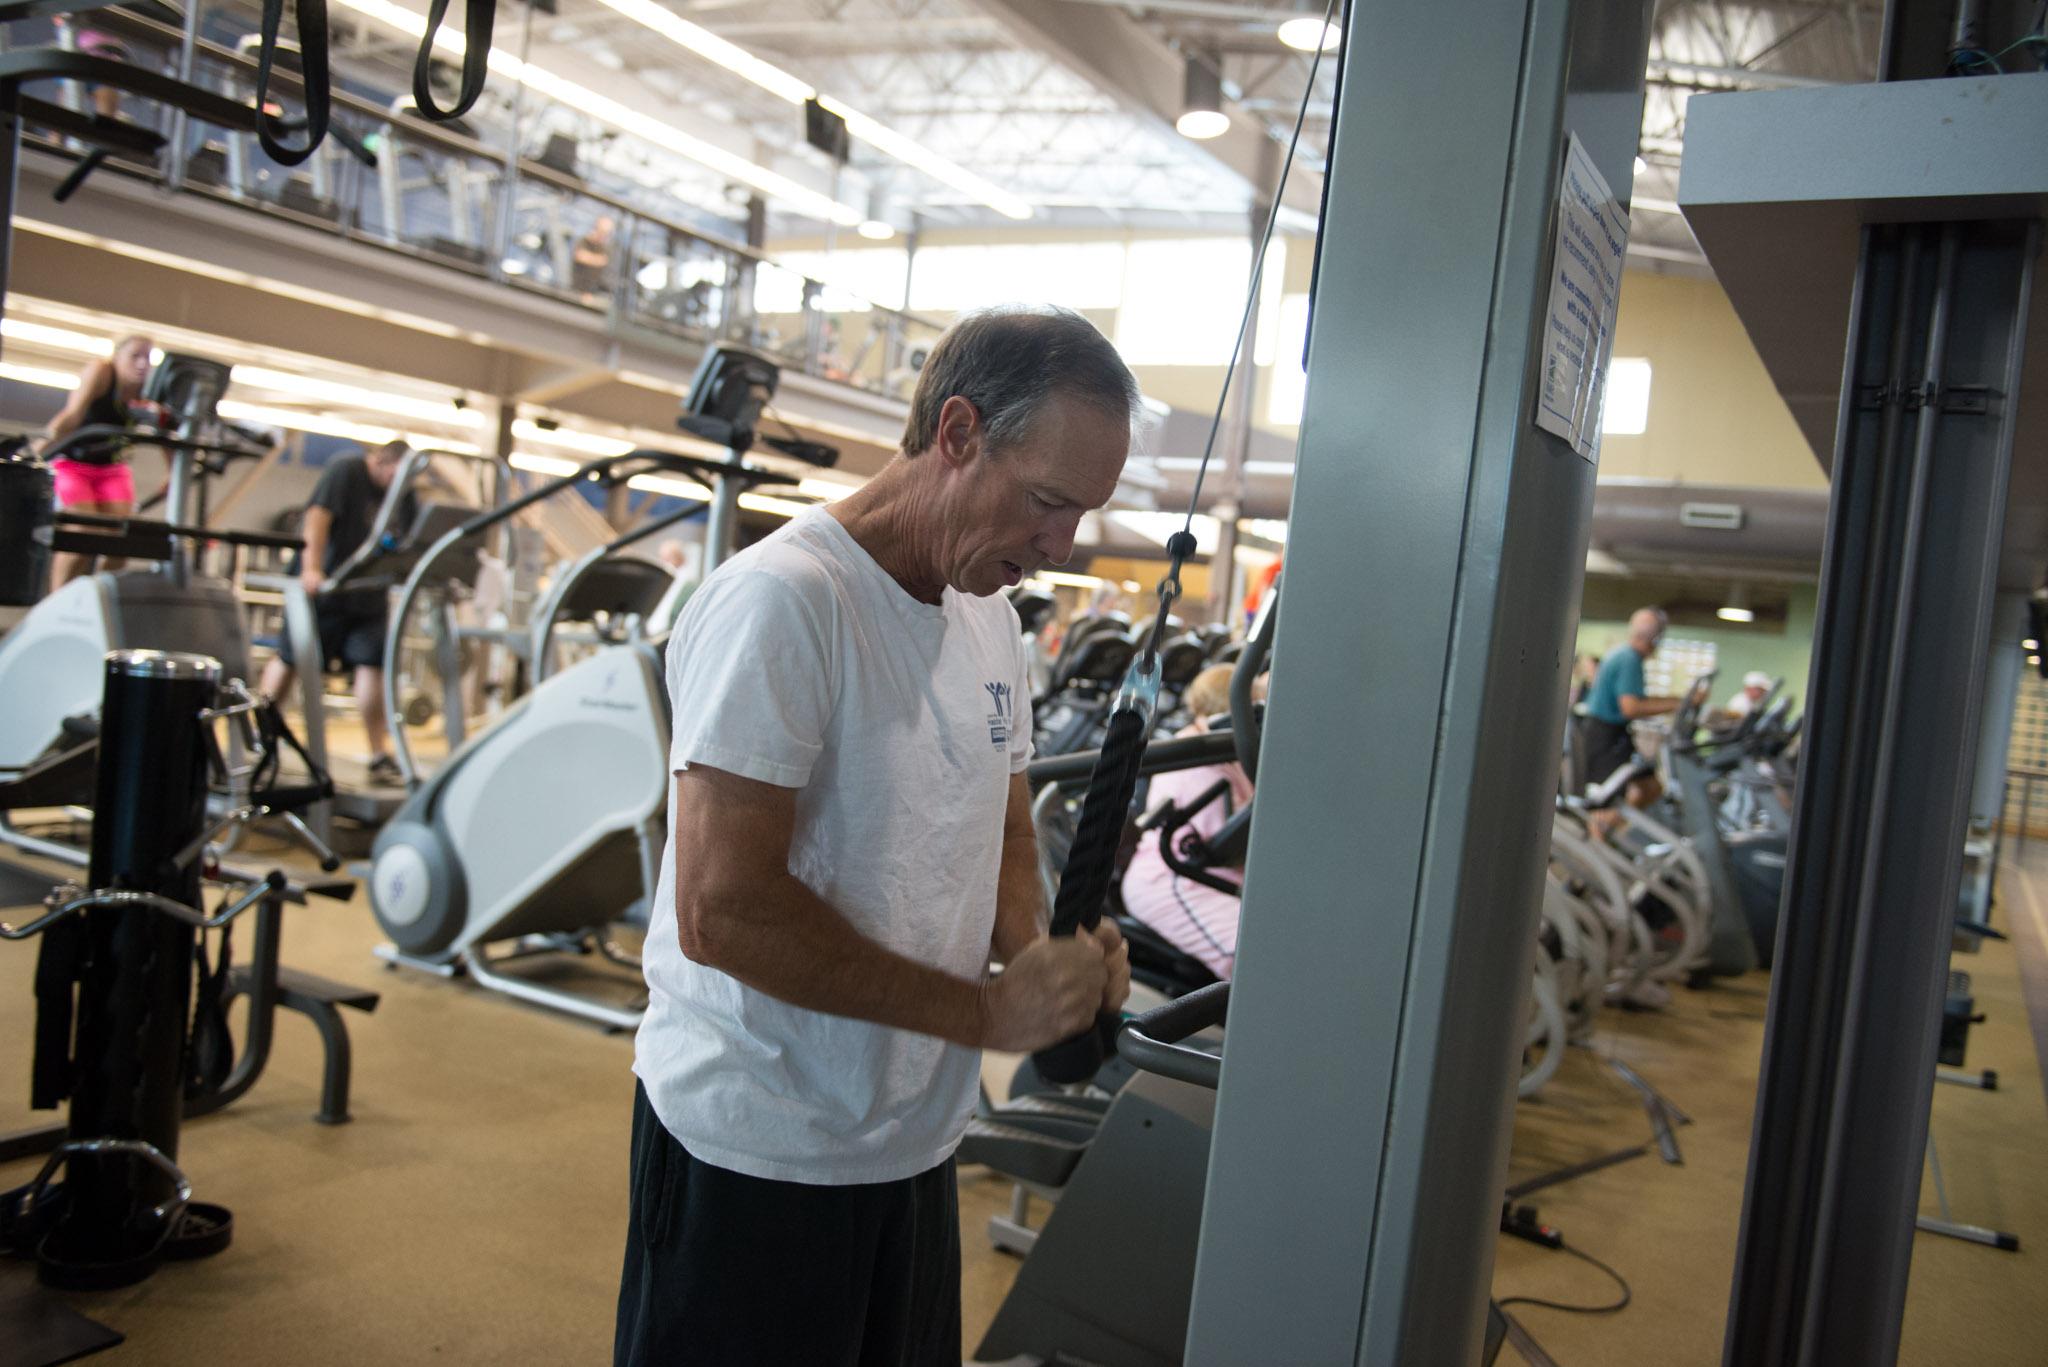 Wellness Center Stock Photos-1386.jpg